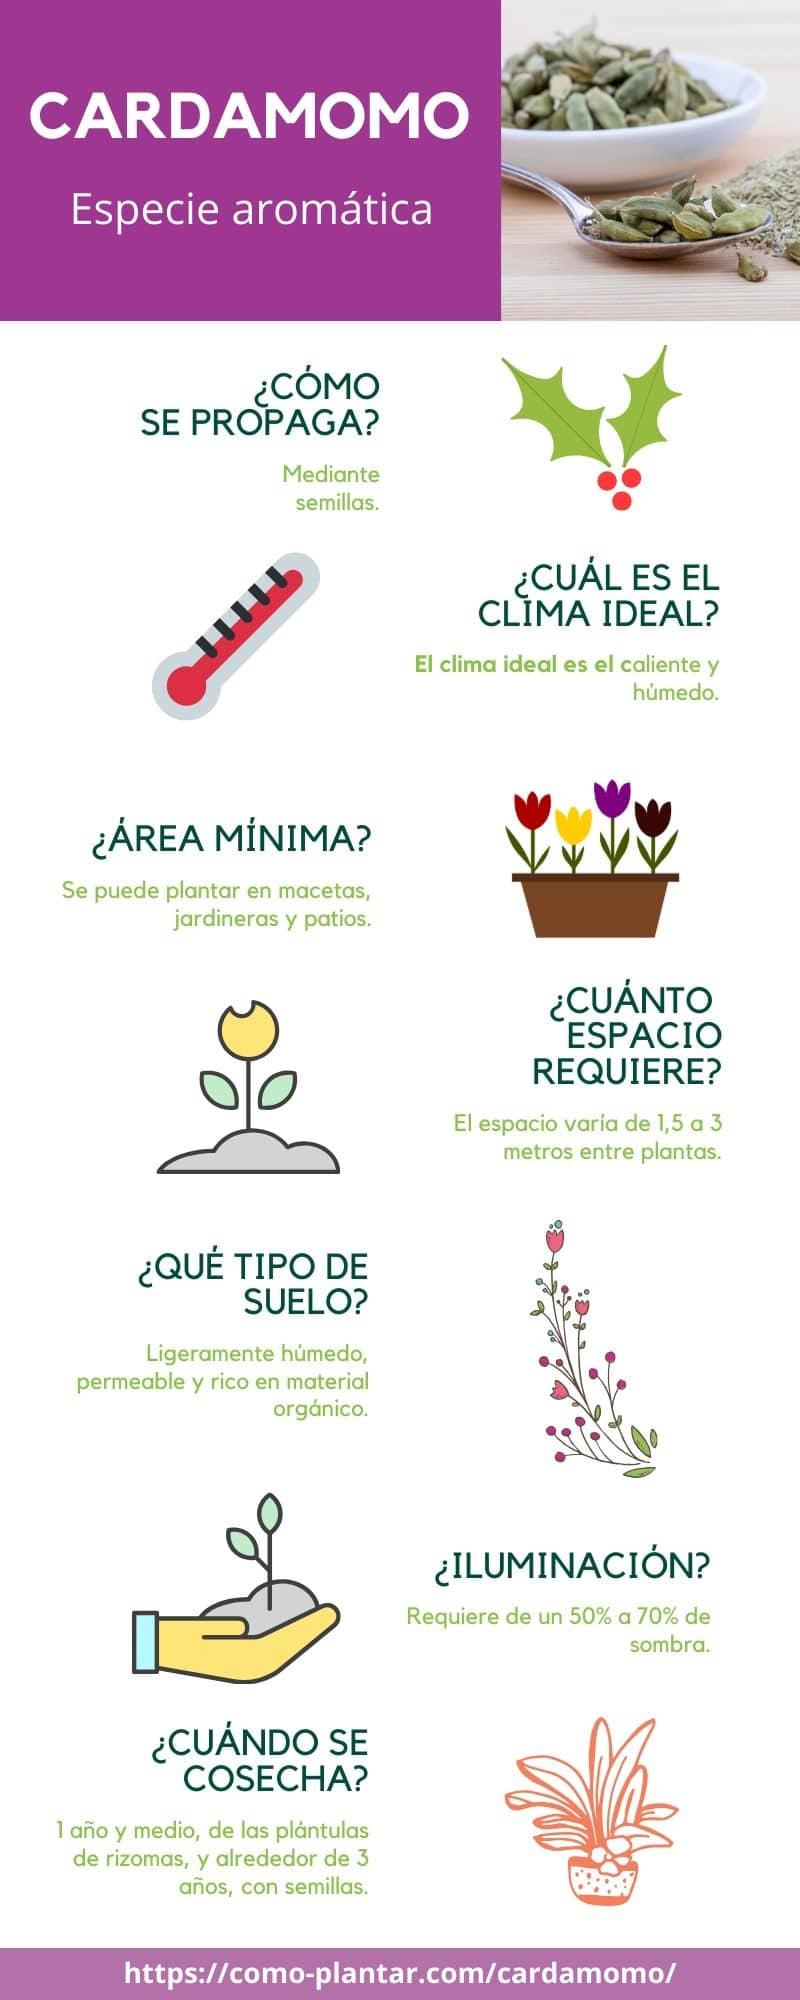 Guía para el cultivo de cardamomo